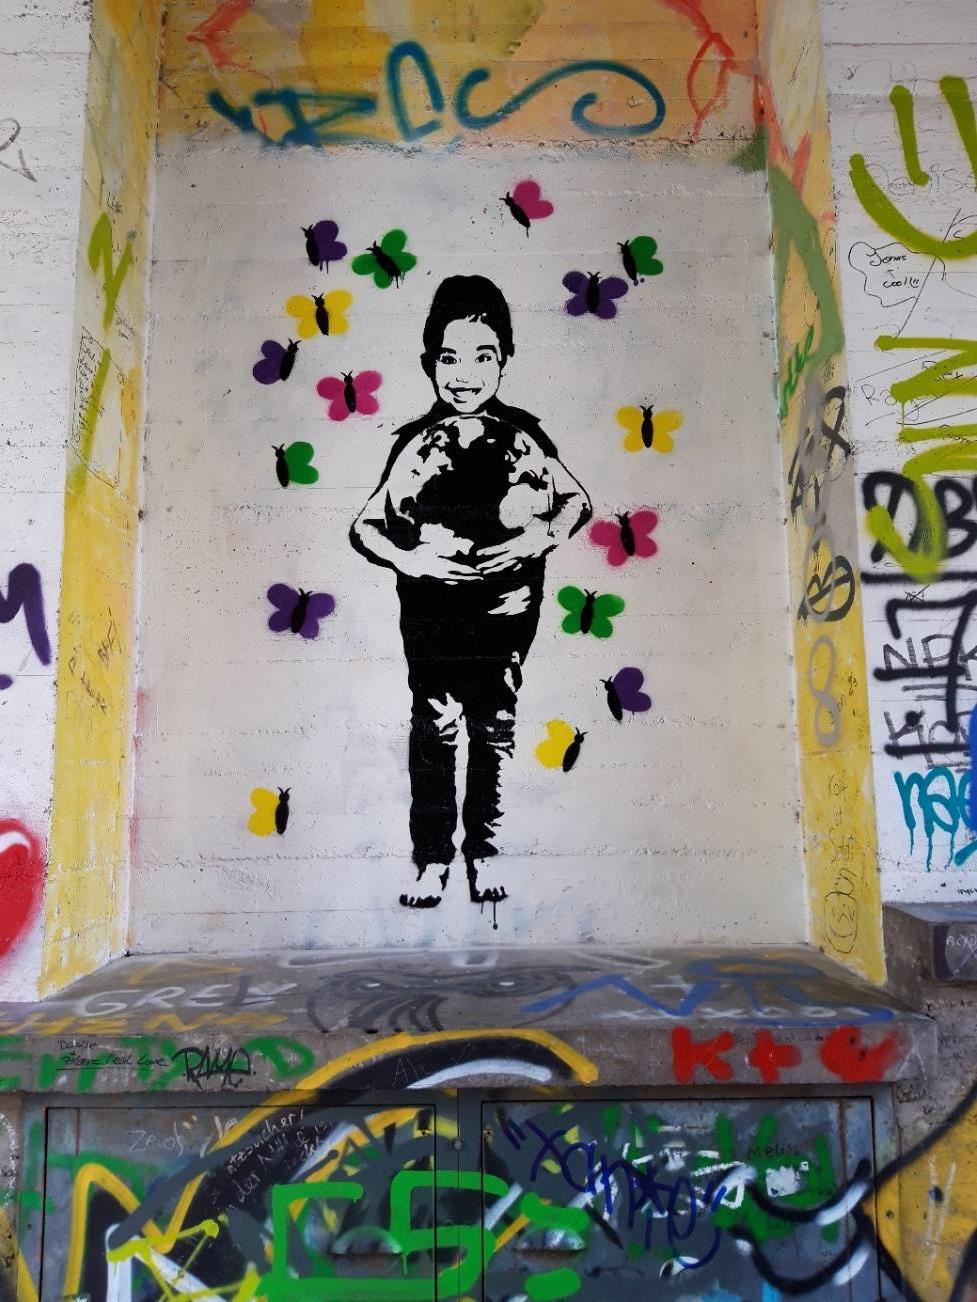 Graffiti im Turmdurchgang Kreuzkirche, Schulprojekt von Josepha, 15 Jahre